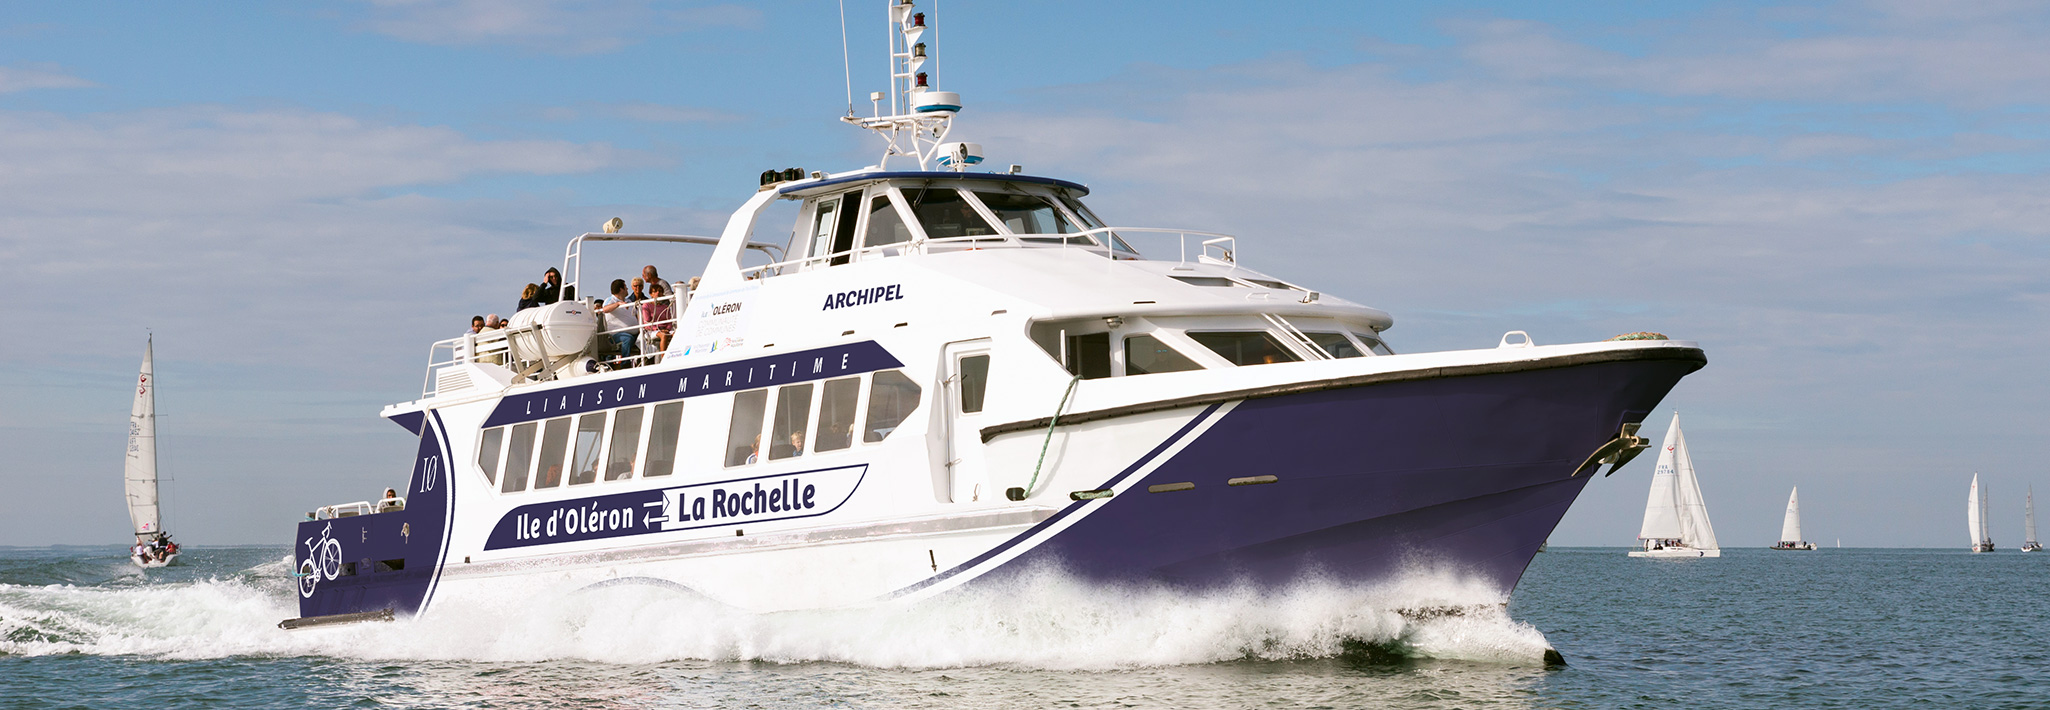 La Rochelle île D Oléron Liaison Maritime